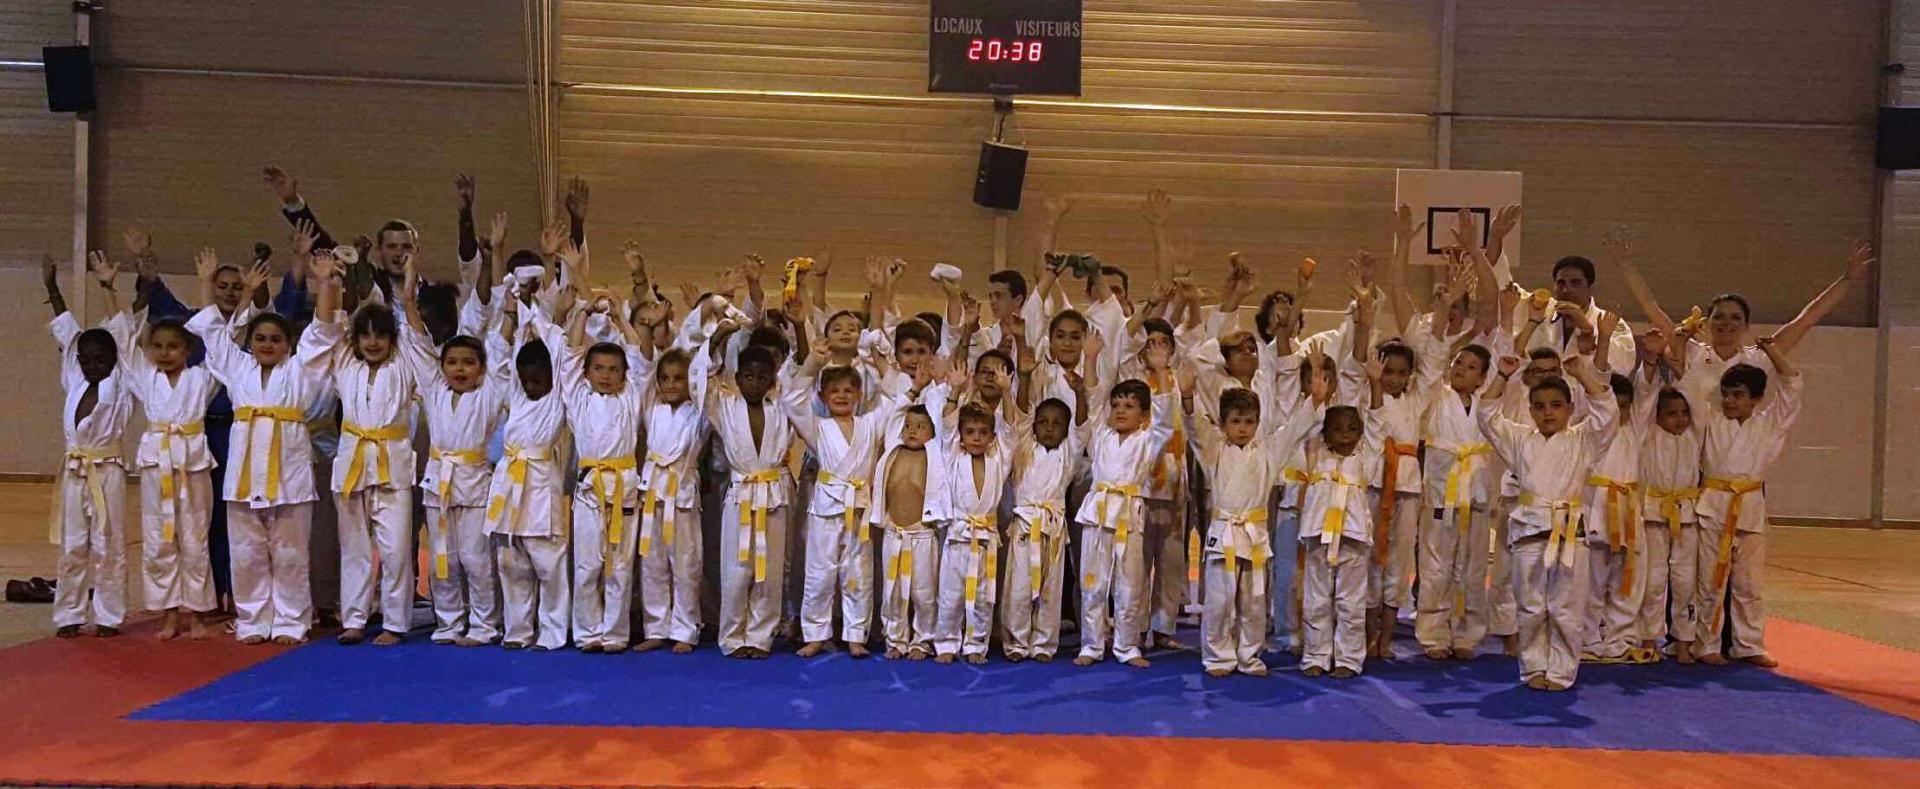 Gala judo 2017 photos de groupe 3